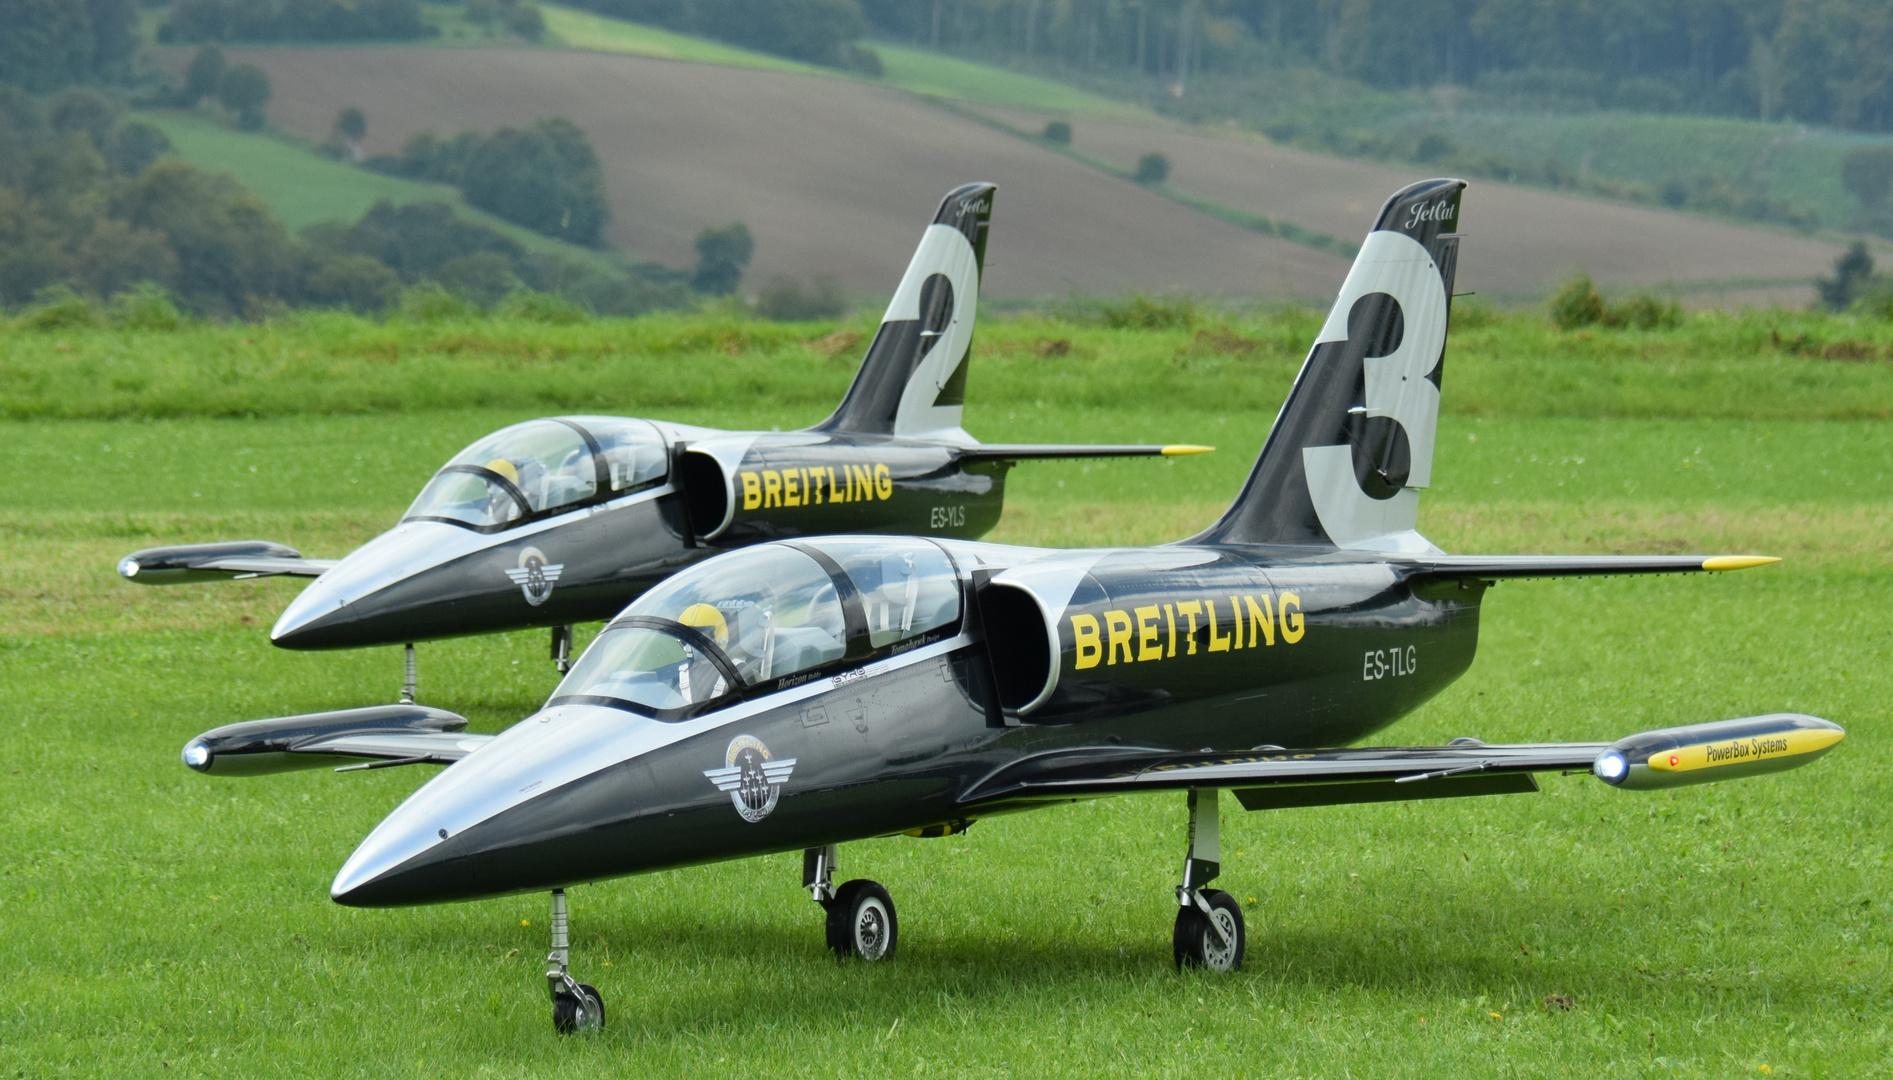 L39 Albatros .... Twins ......